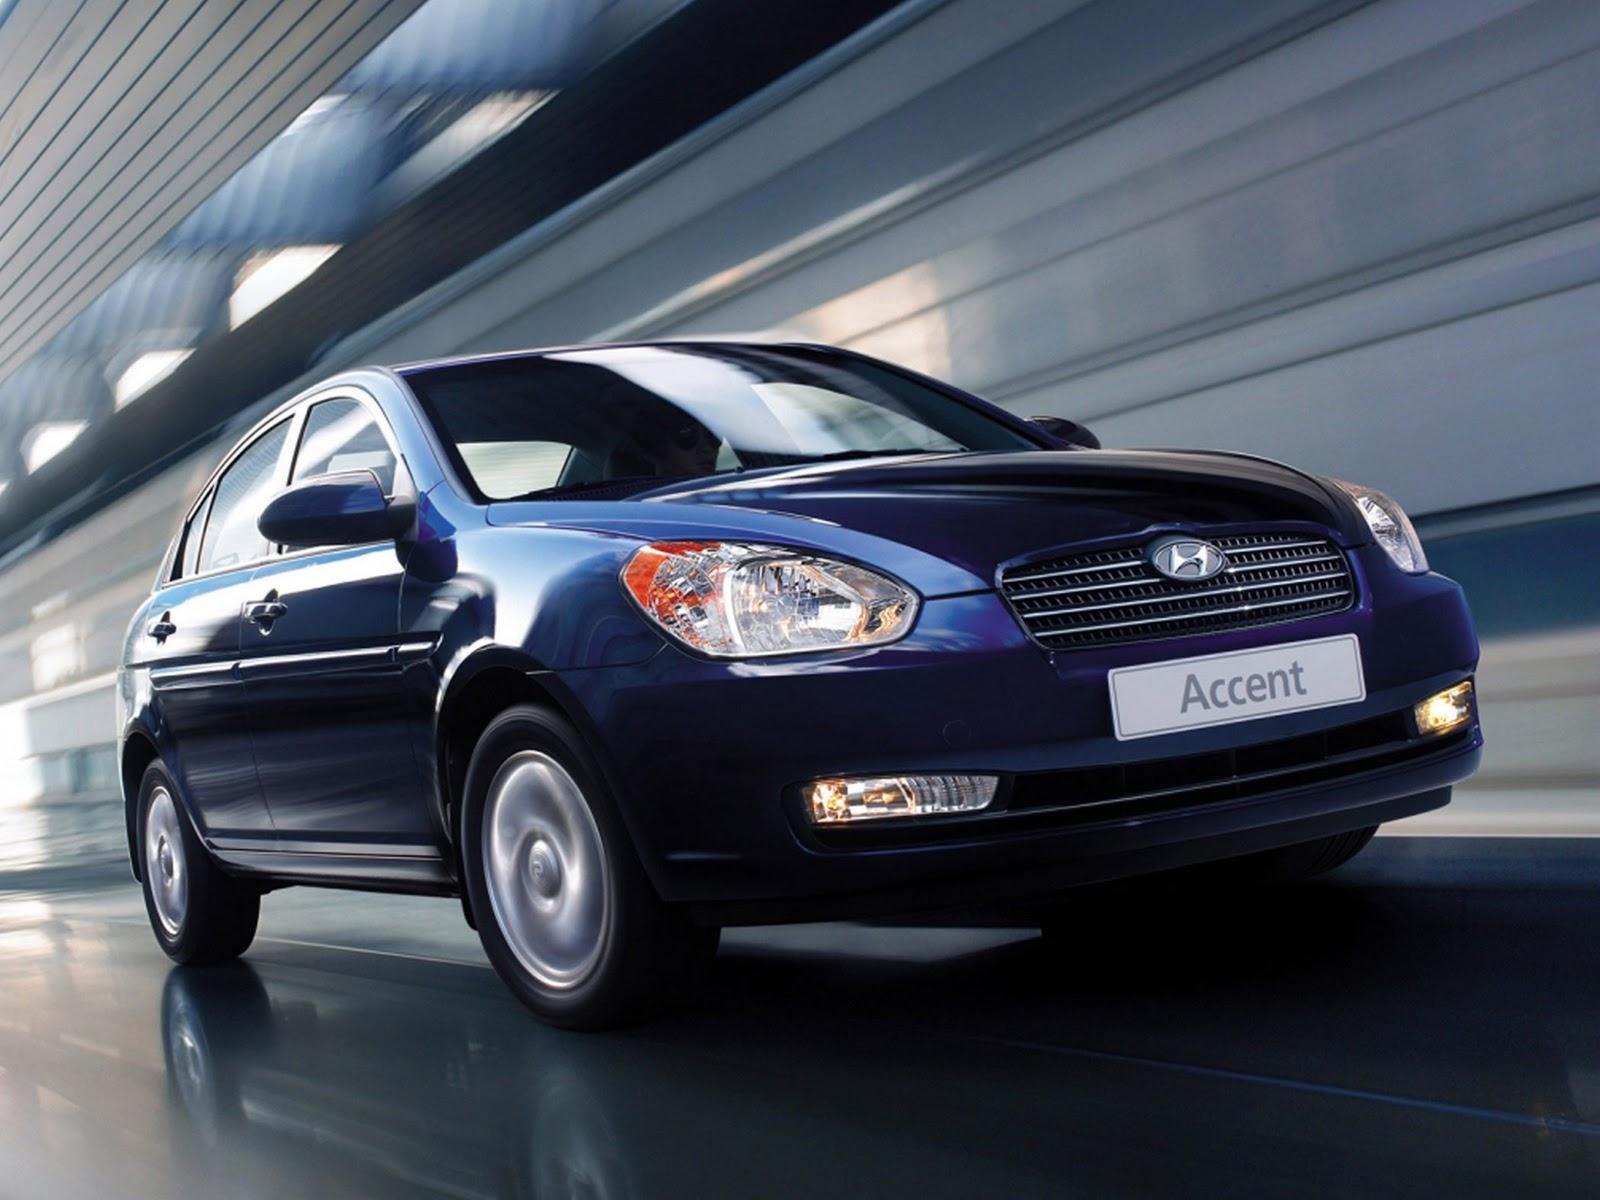 Hyundai Accent 13 Mpg >> World Cars Hyundai Accent 2010